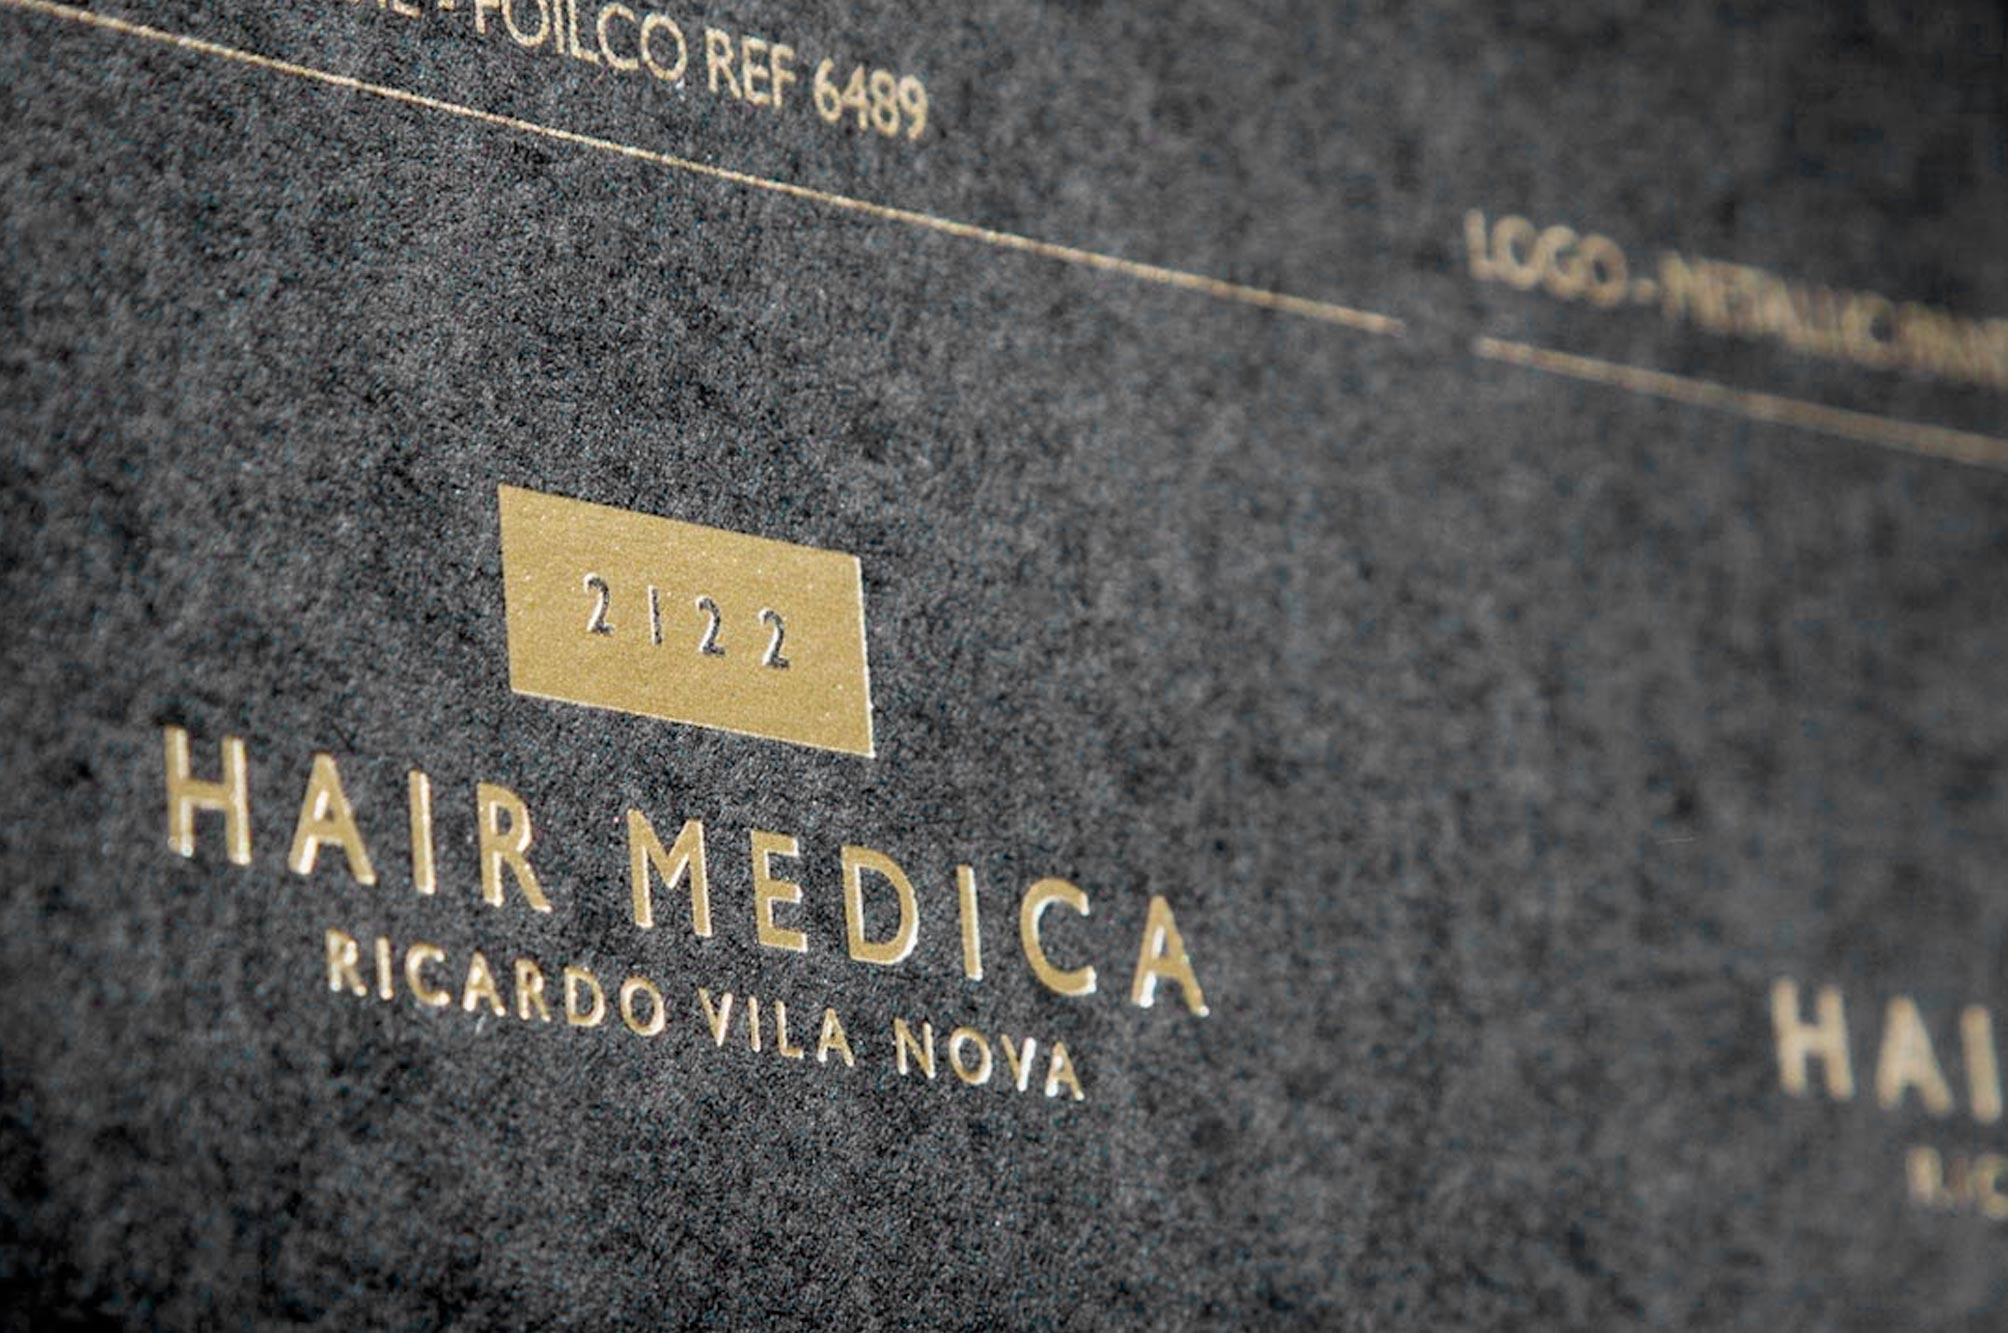 2122 Hair Medica Gold Foil Logo